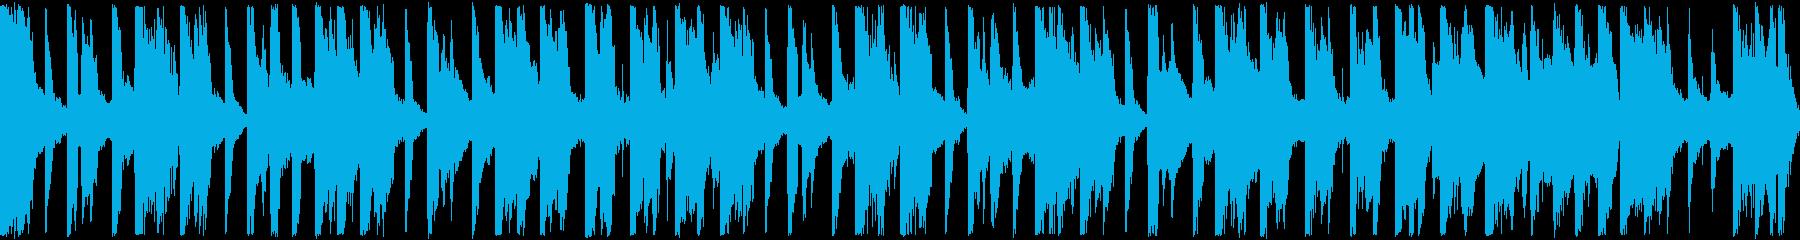 明るい和風テクノポップ・ループ再生用の再生済みの波形